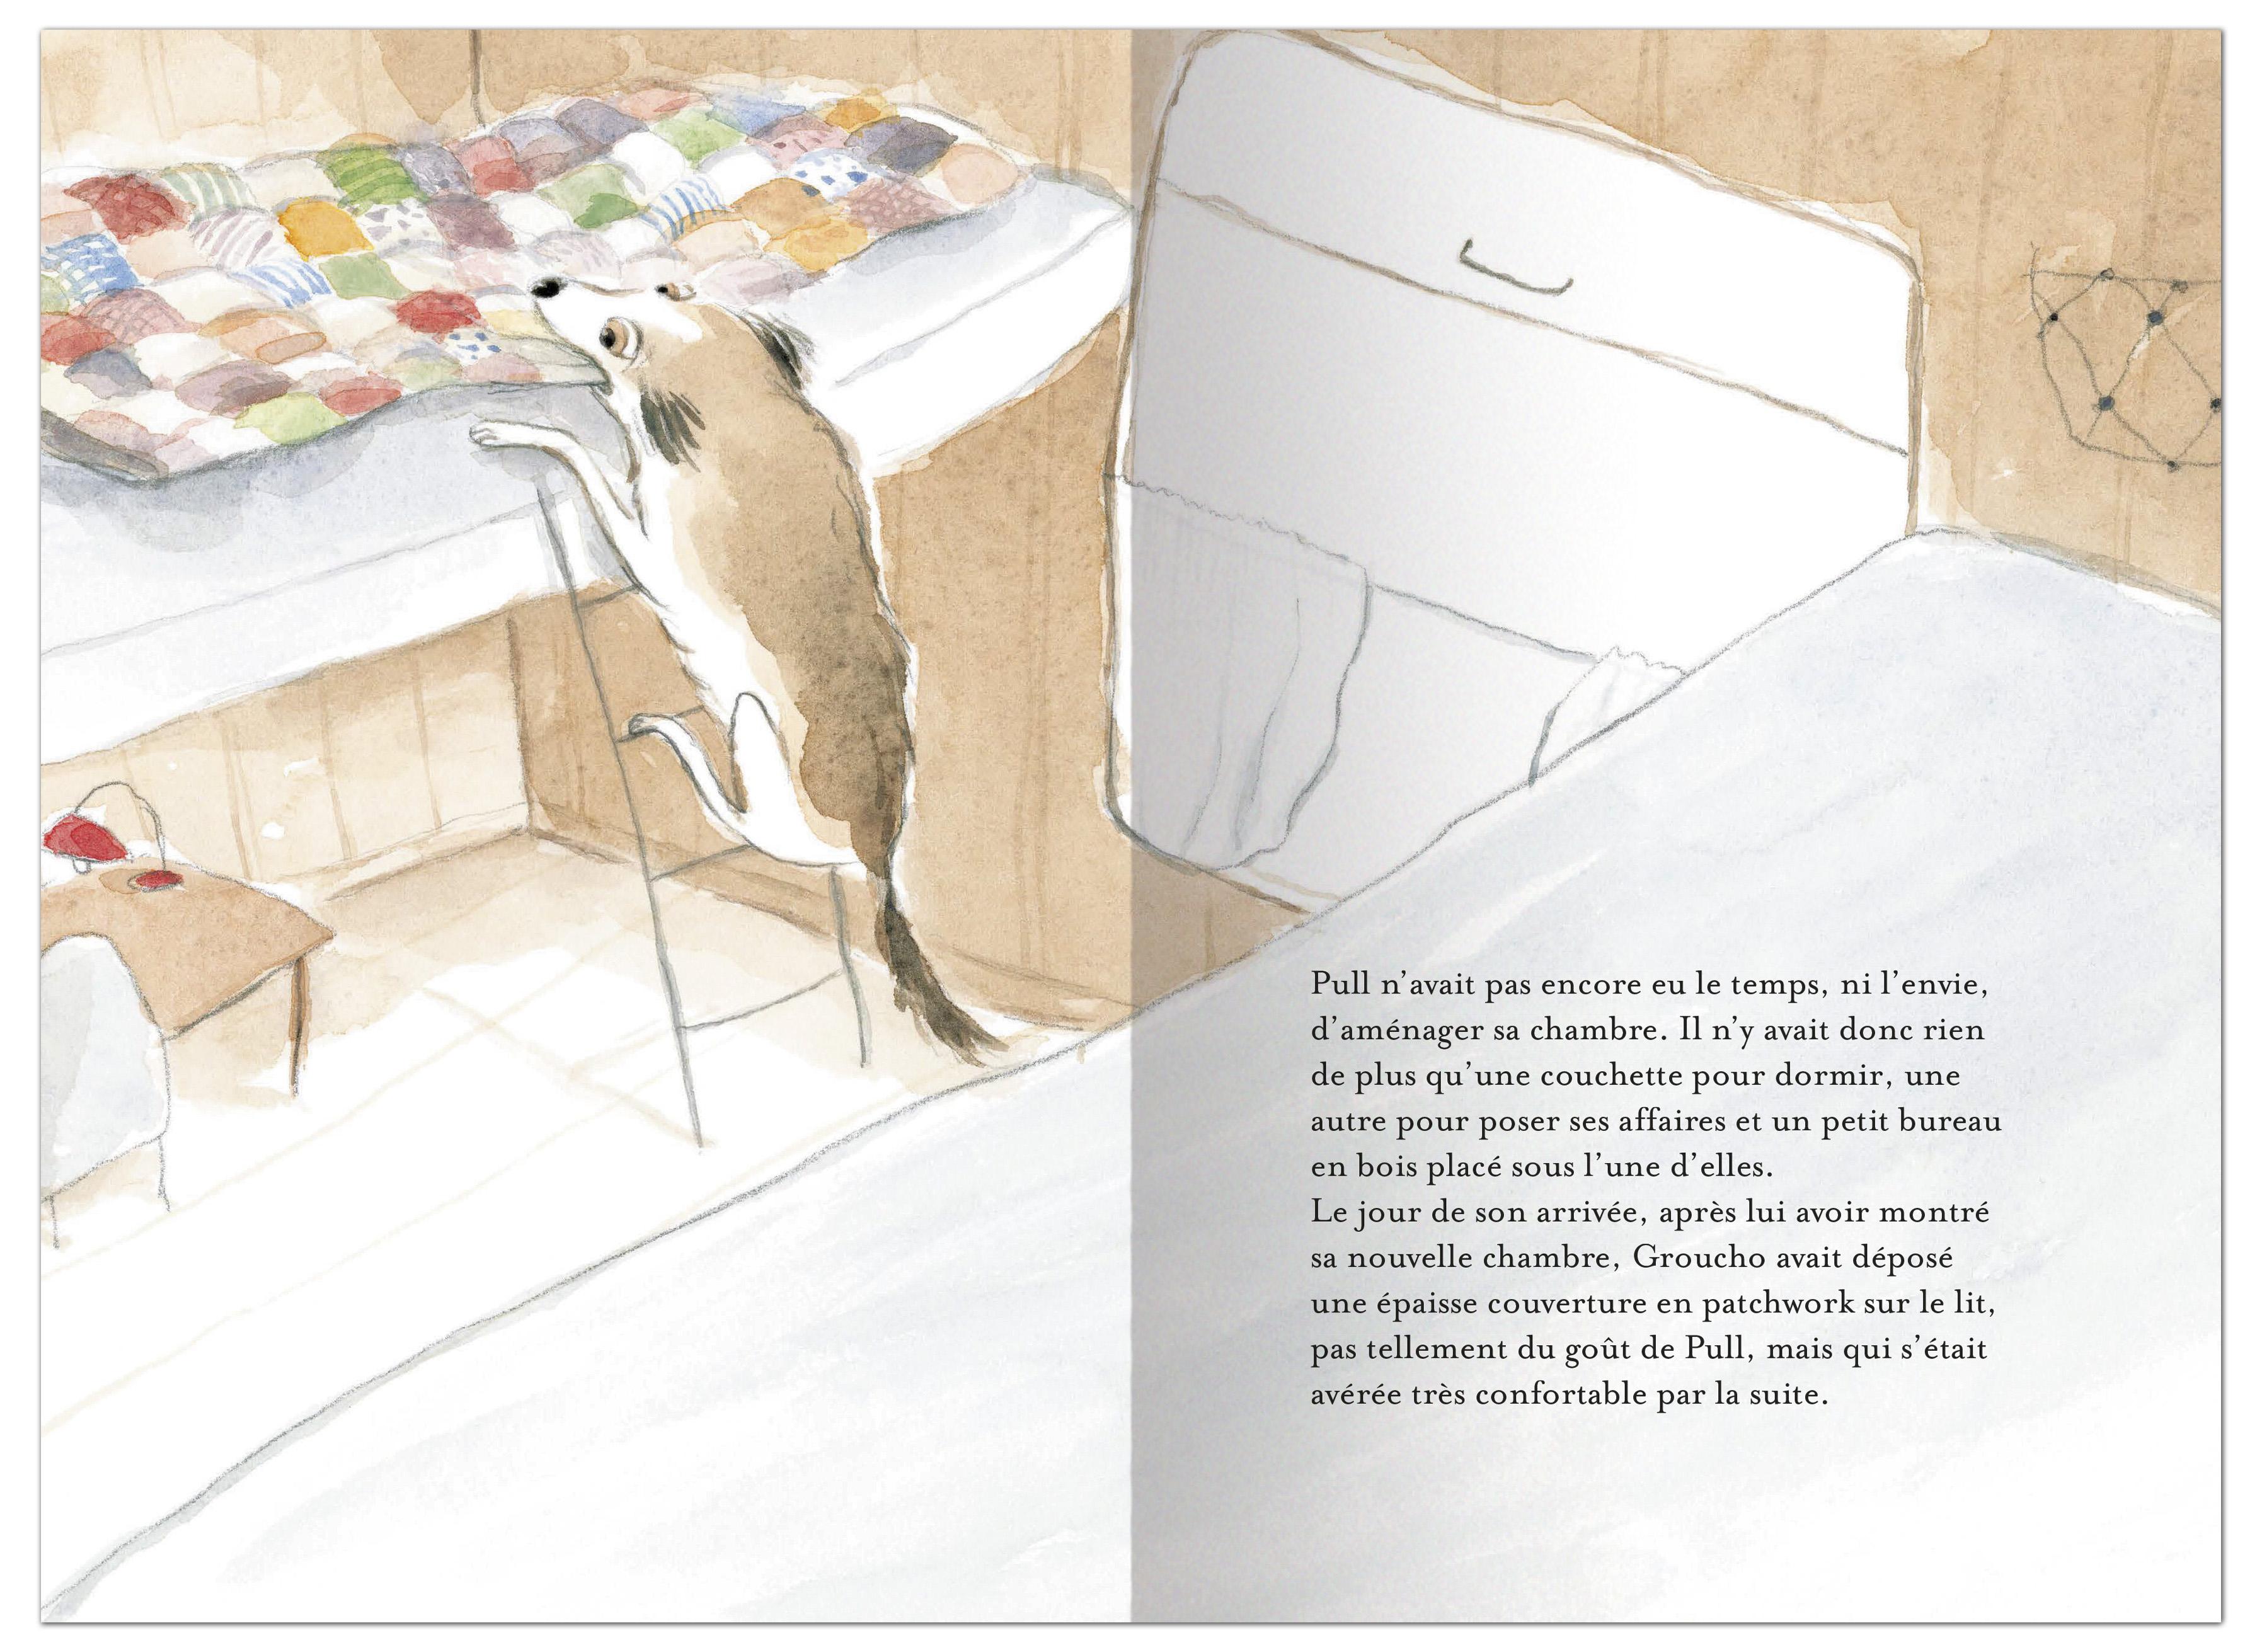 (c) C. Lebourg